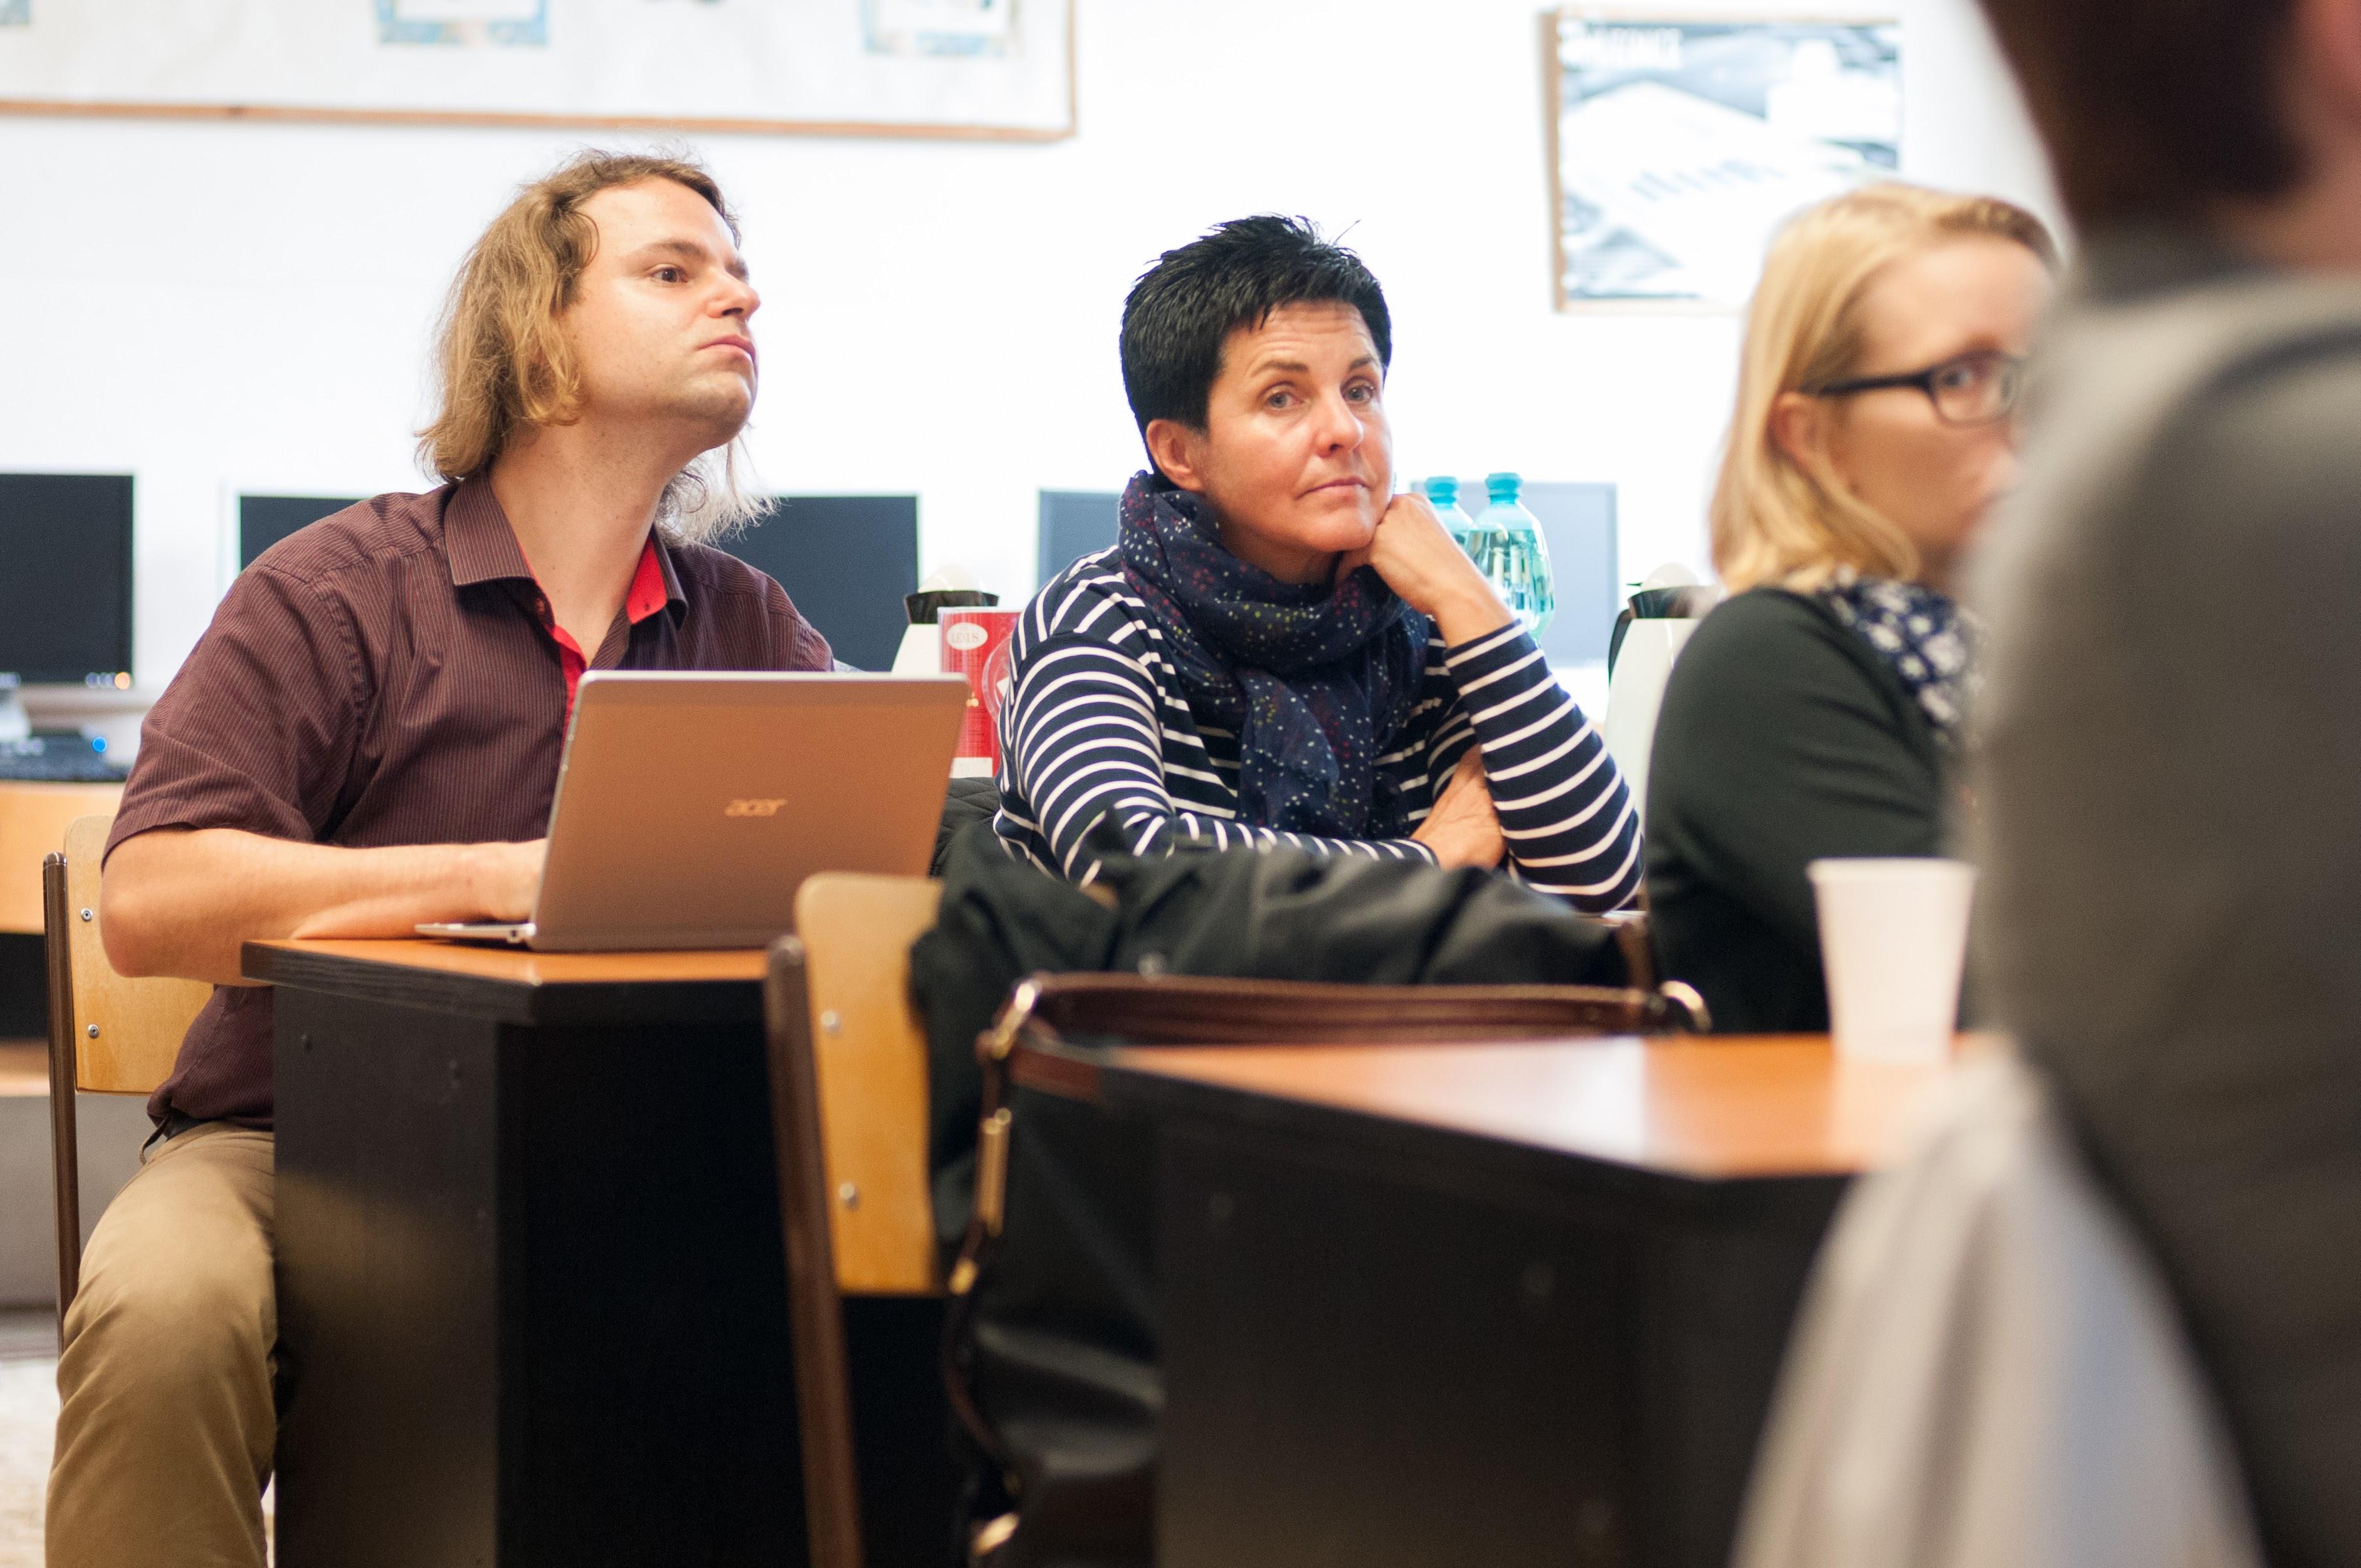 Setkání PS Digitální gramotnost